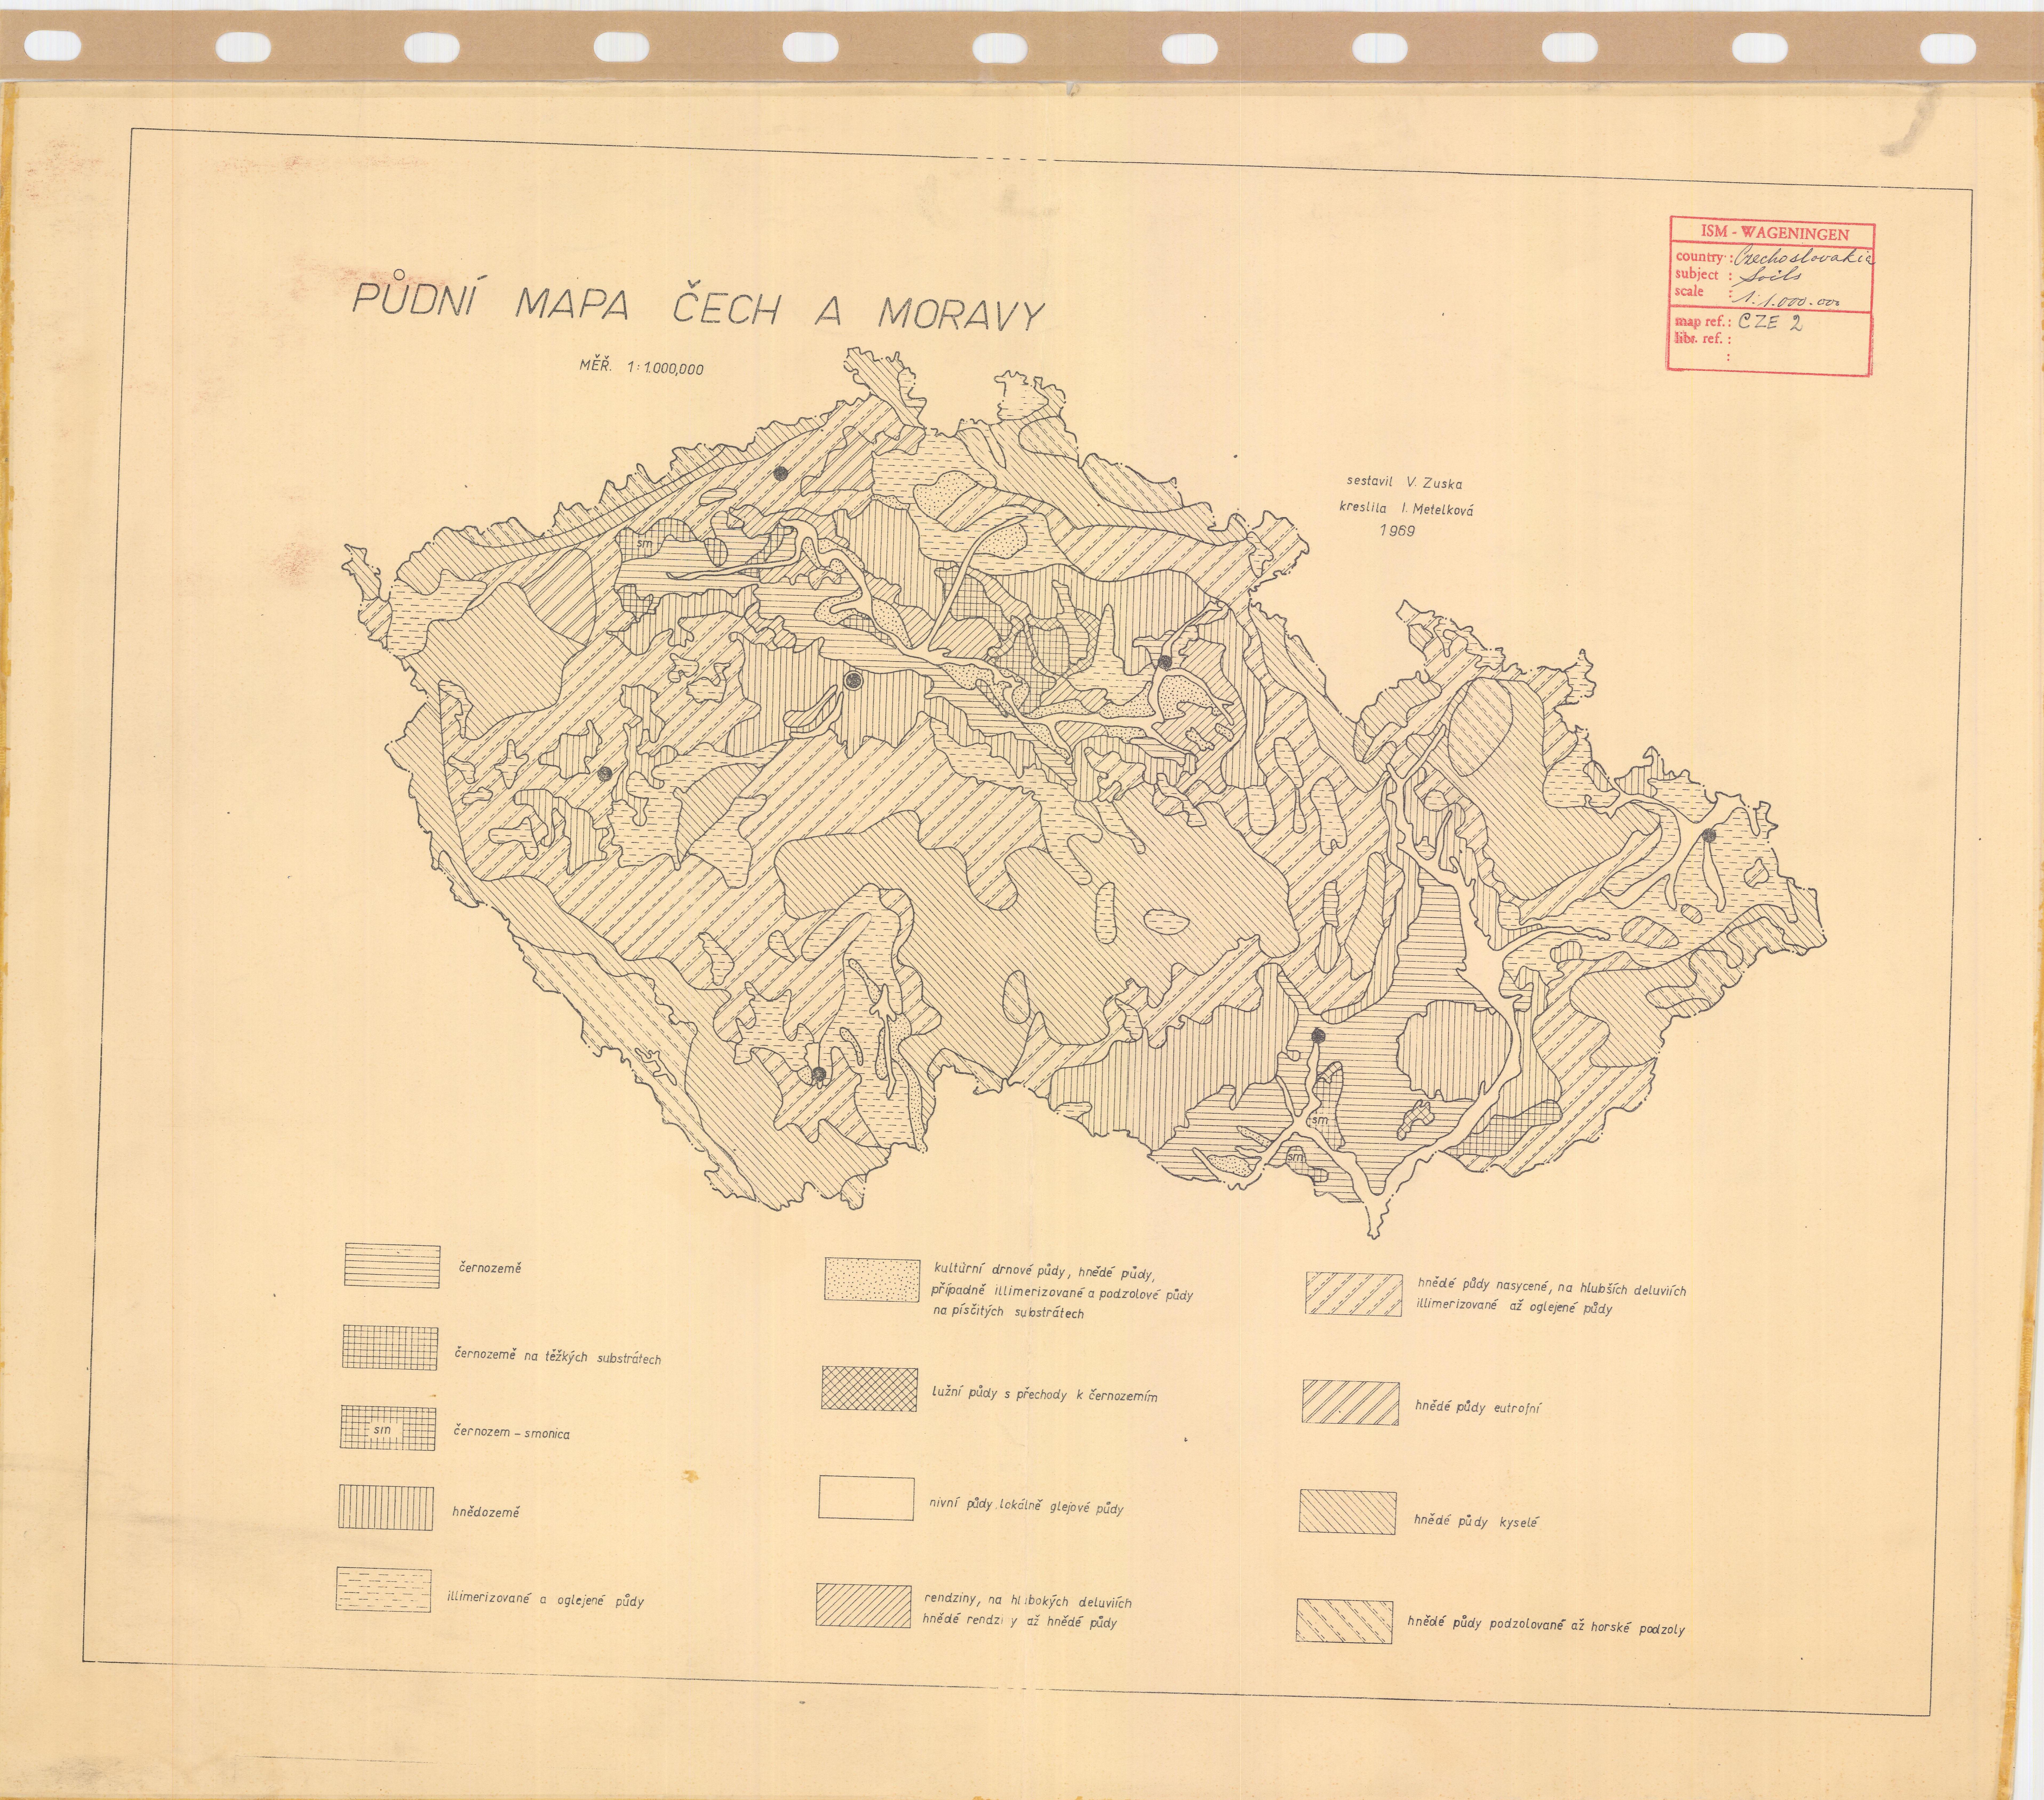 Soil Map Czech Republic Pudni Mapa Cech A Moravy Esdac